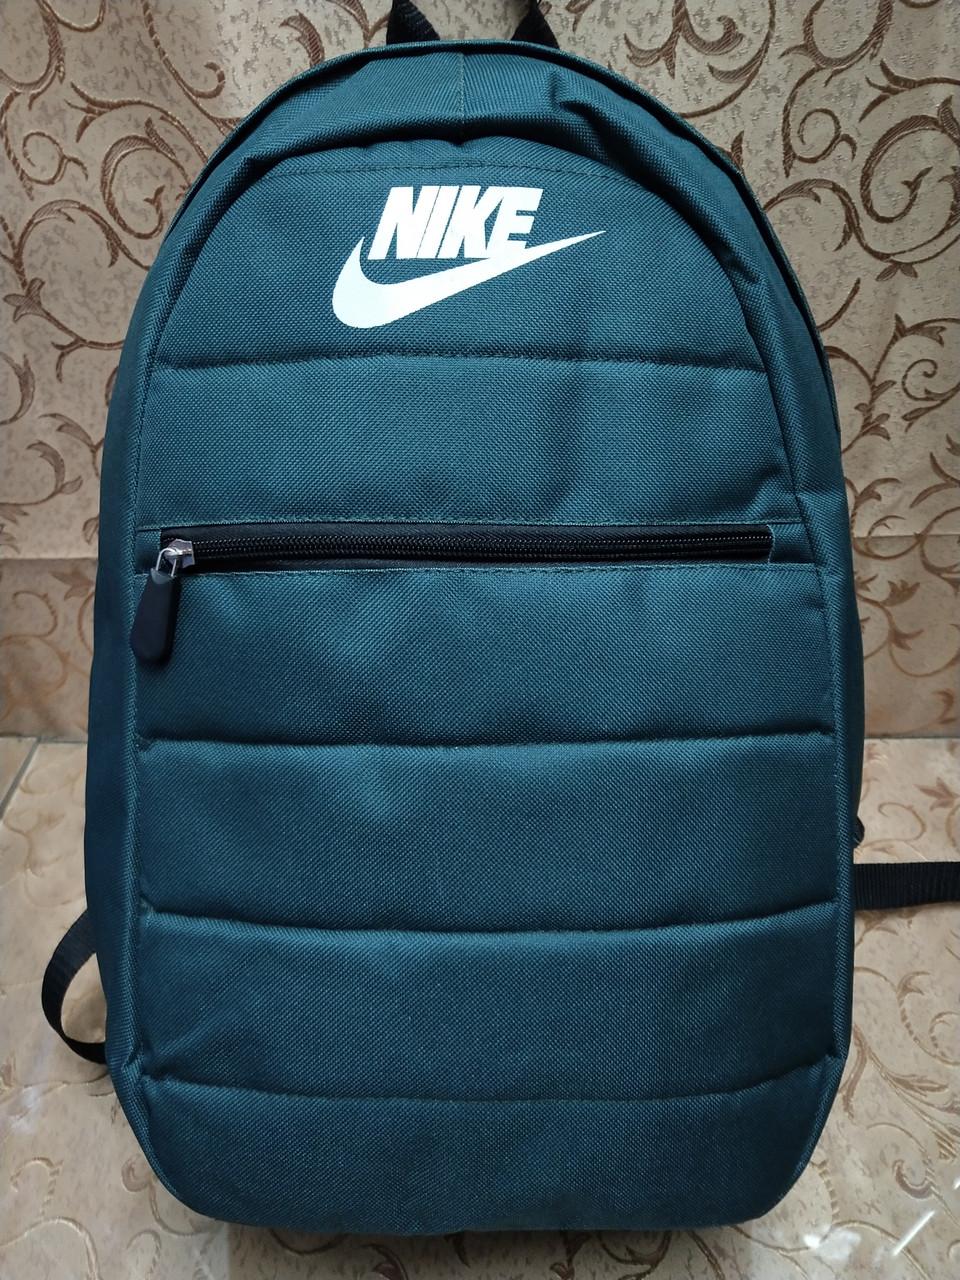 Рюкзак NIKE новинки моды спортивный спорт городской стильный Школьный рюкзак только оптом